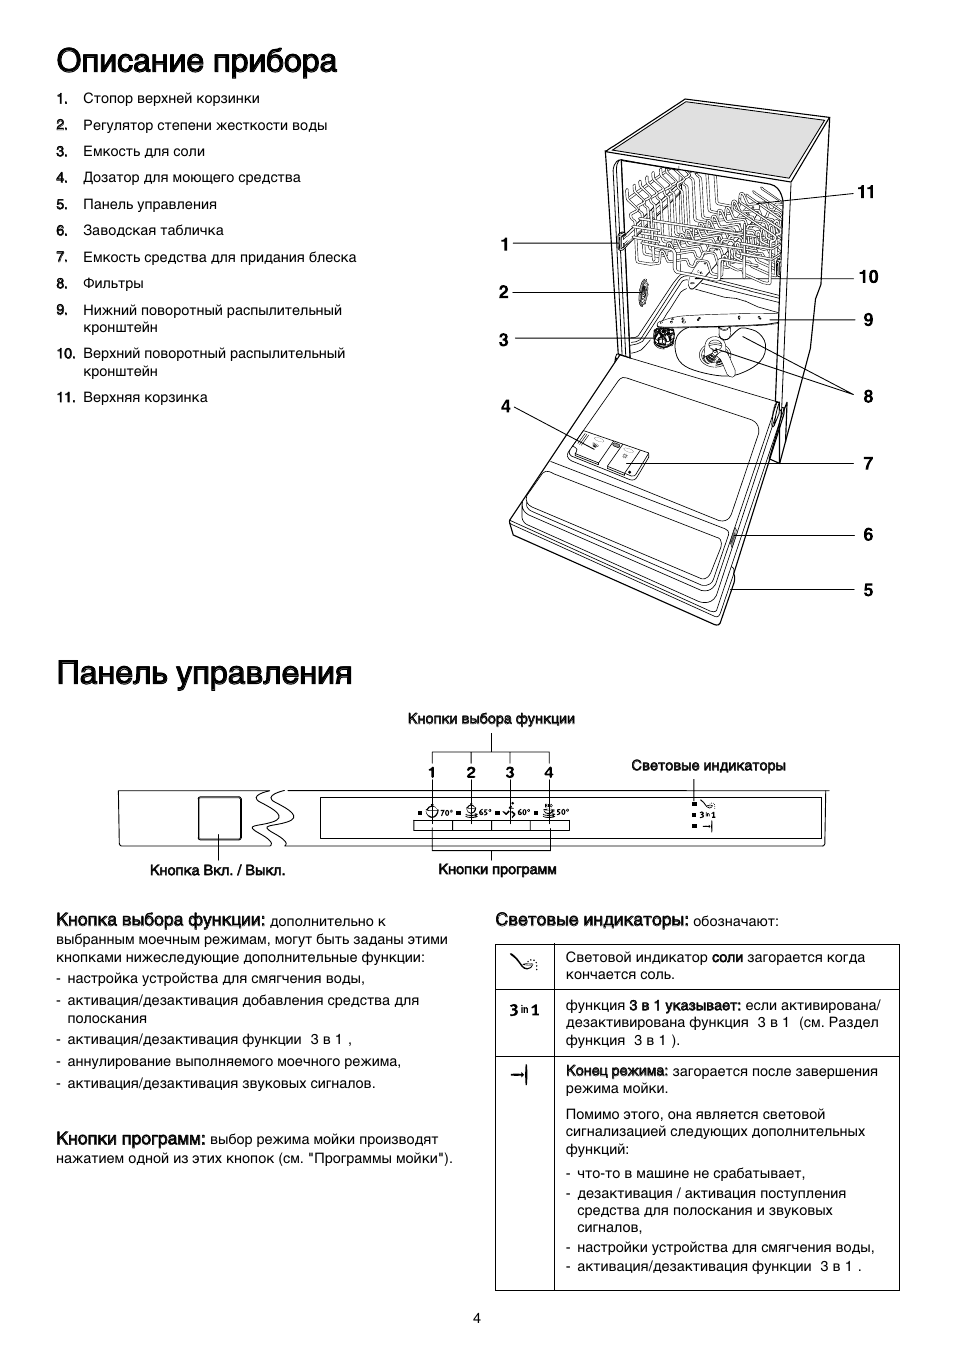 electrolux esl4120 инструкция